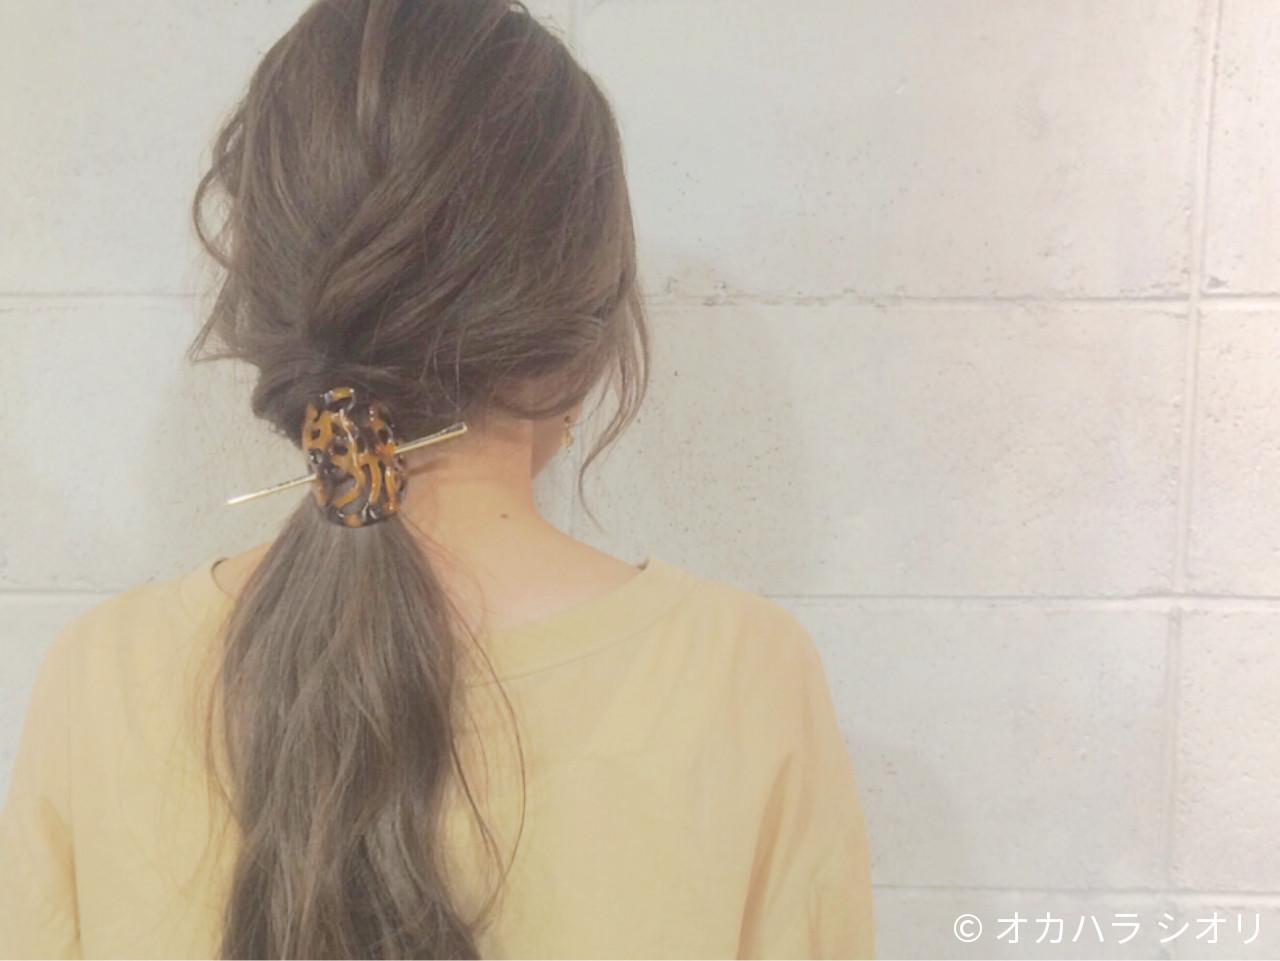 べっ甲テイストのヘアアクセが大人の古風な雰囲気に♪髪色も春っぽいミルキーカラーで可愛らしく♡